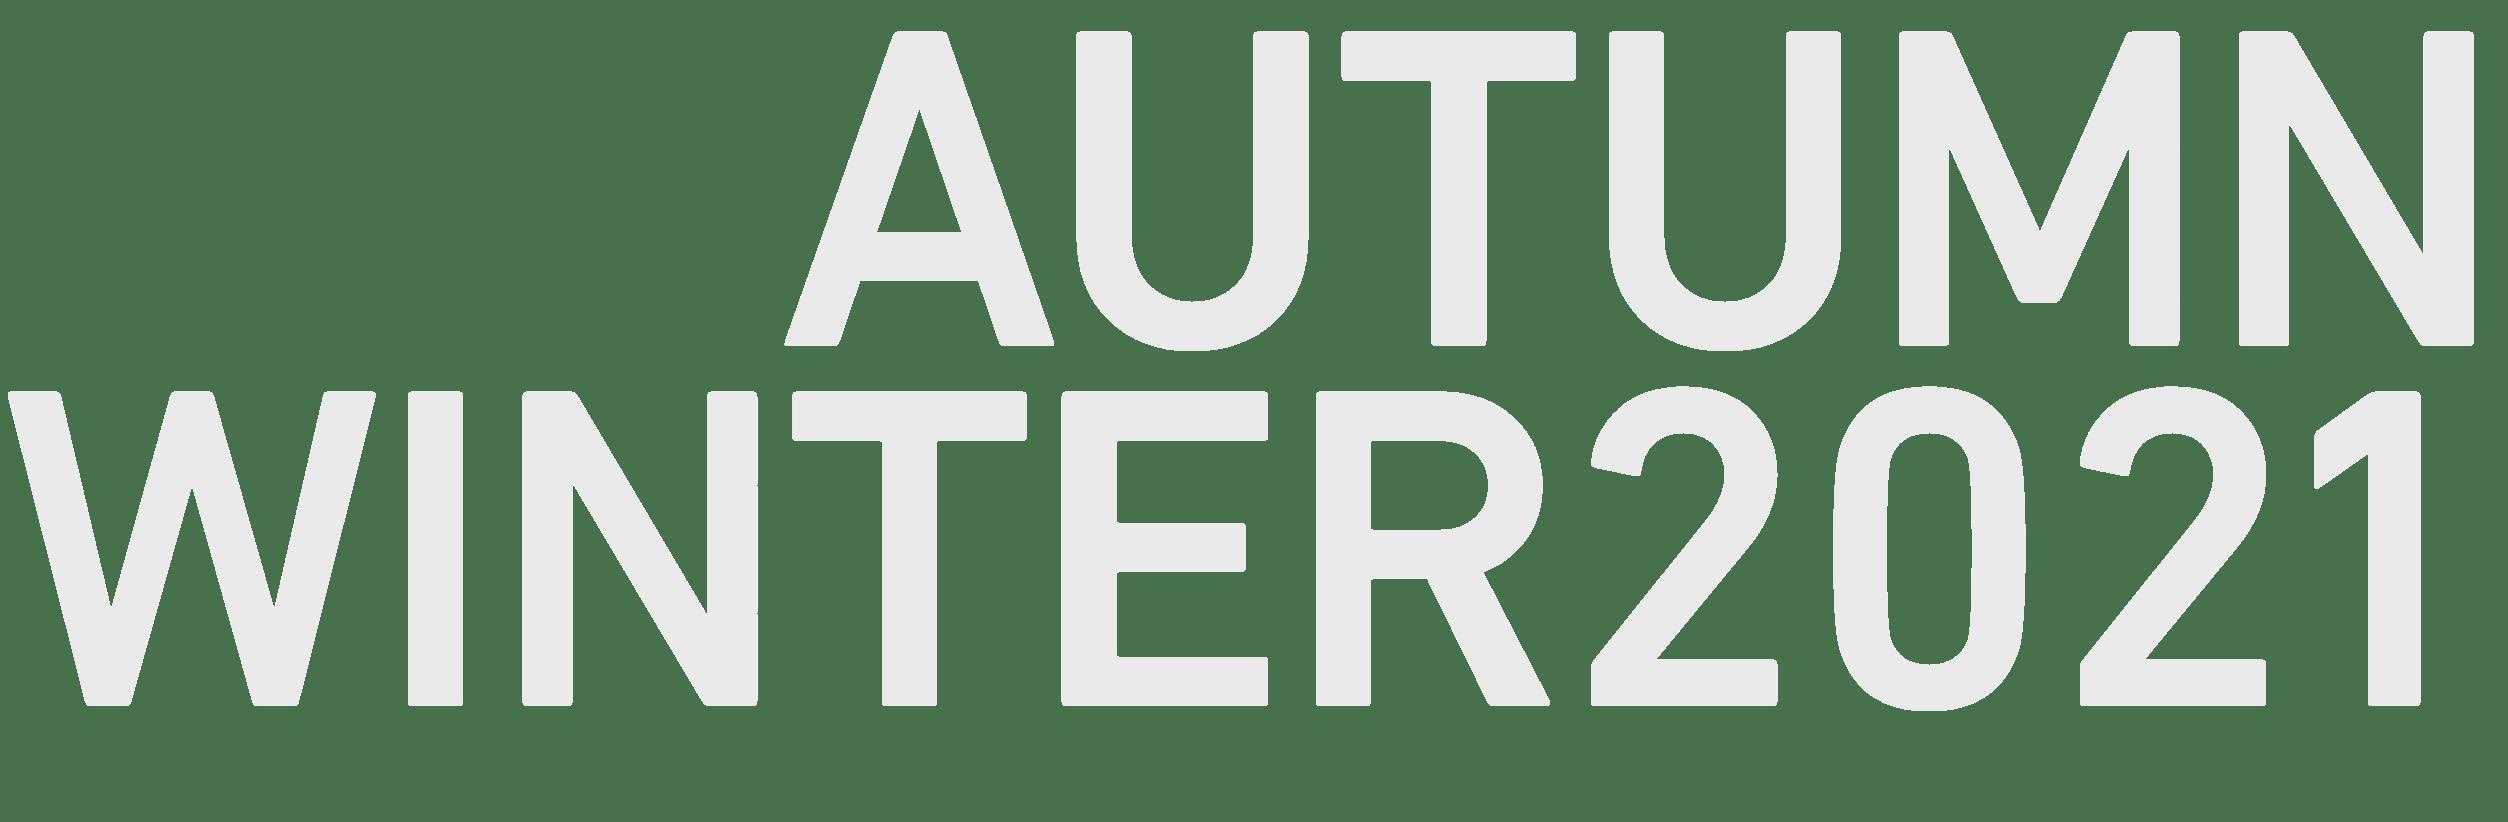 AUTUMN WINTER2021